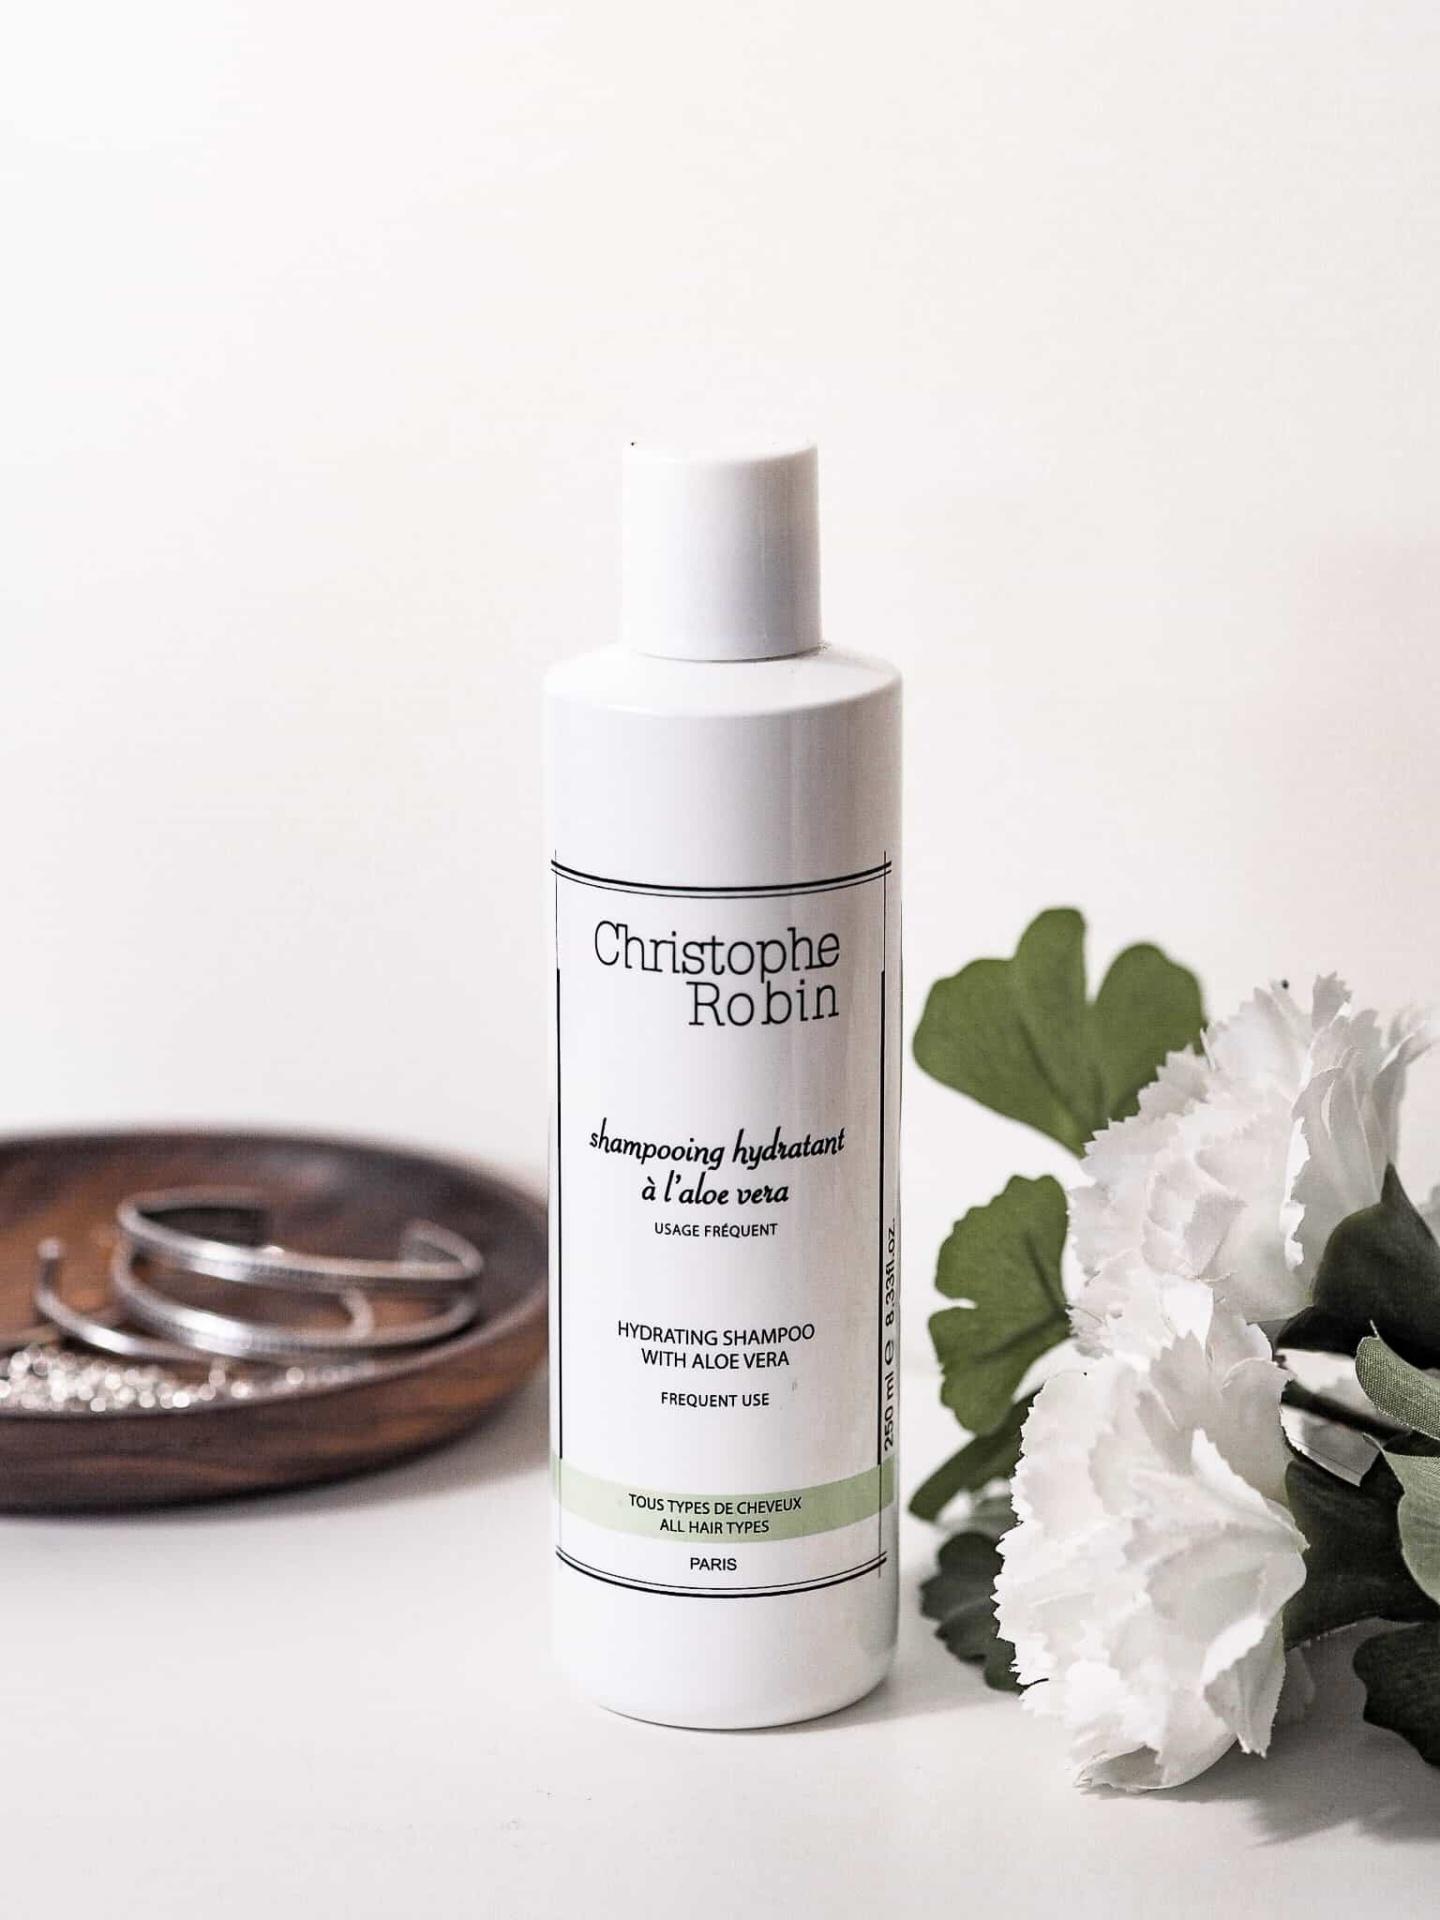 Christophe Robin Aloe Vera shampooing hydratant